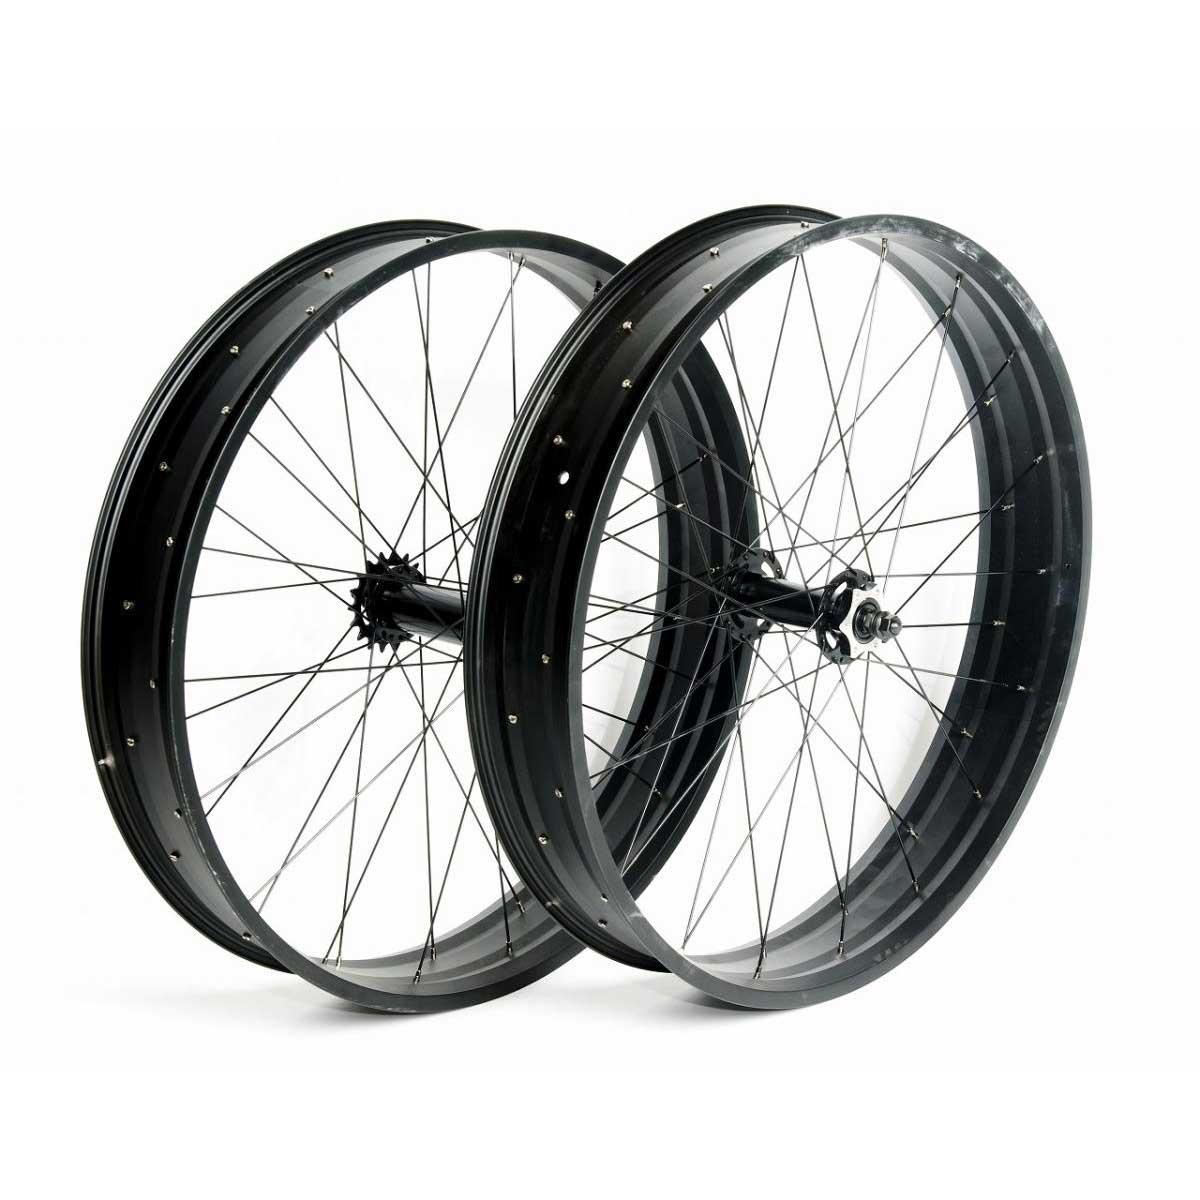 【自転車用ホイール】BRONX FAT-WHEEL 26*4.0用